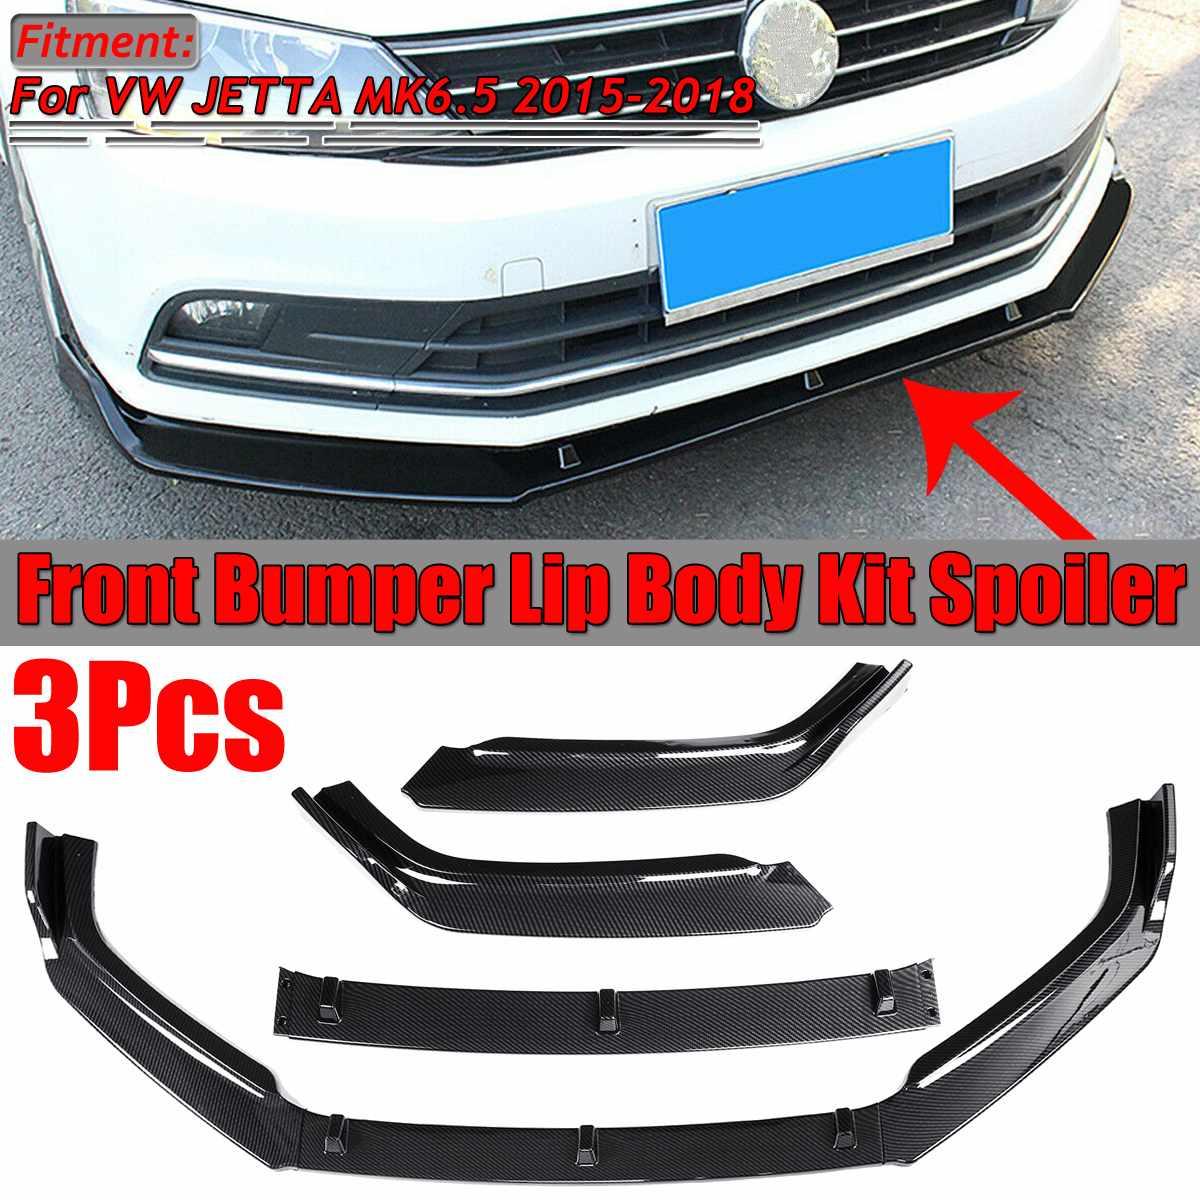 3 adet araba ön ÖN TAMPON Splitter dudak çene tampon difüzör Spoiler Splitters için vücut kiti VW JETTA MK6.5 2015 2016 2017 2018